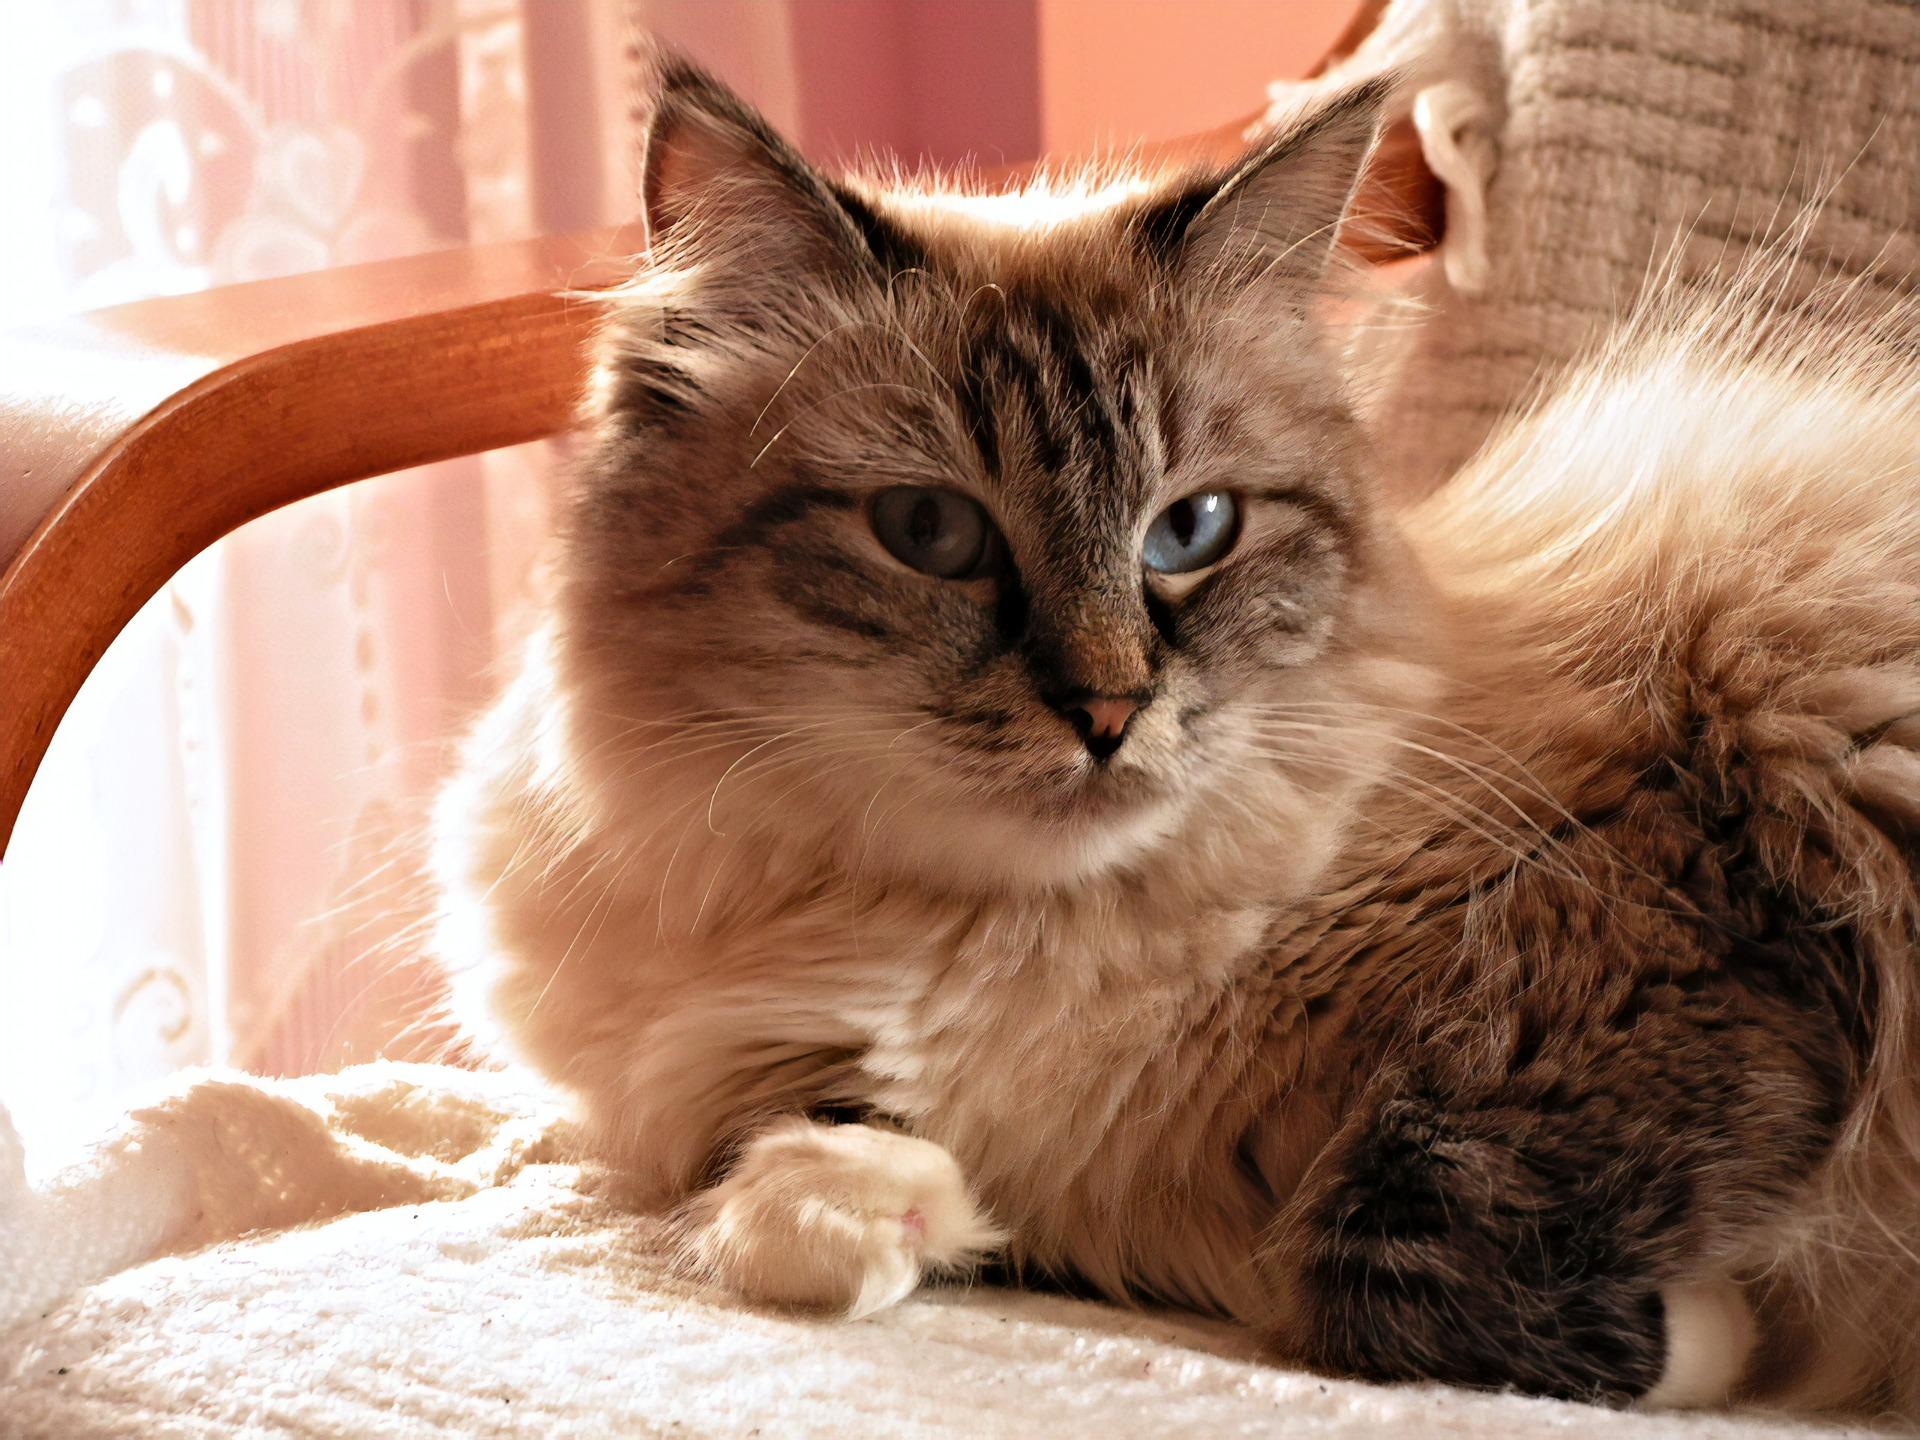 Koty syberyjskie posiadają pięknie zarysowaną, bujną kryzę.